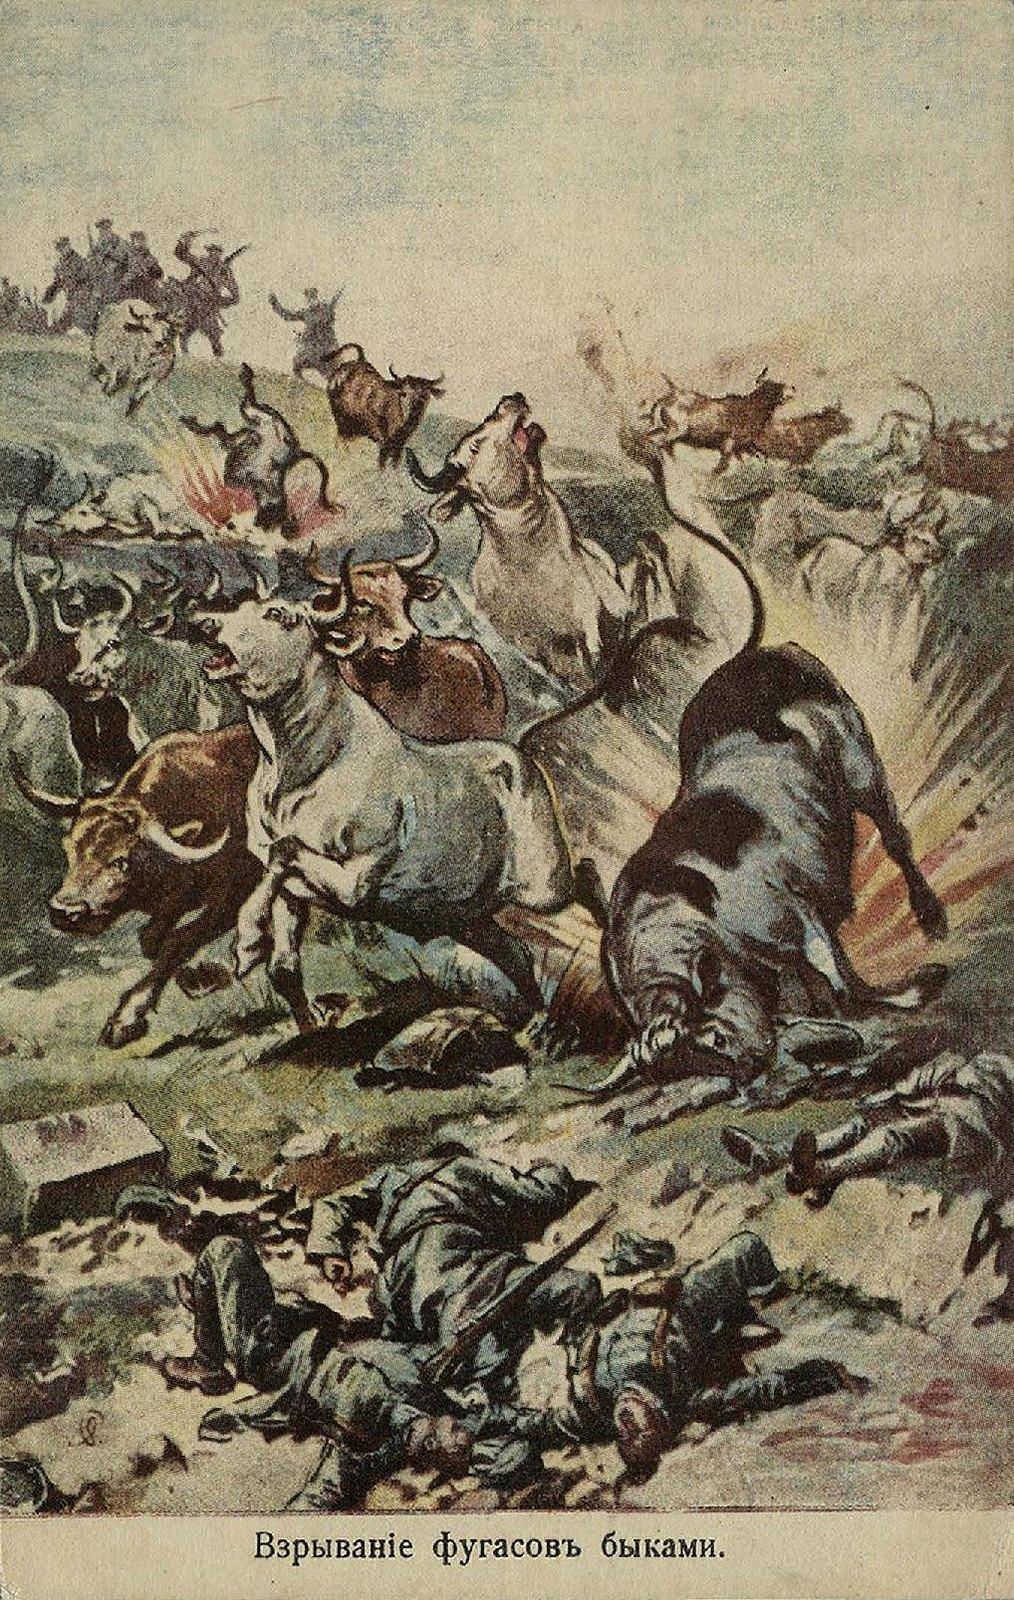 13. 1915. Взрывание фугасов быками